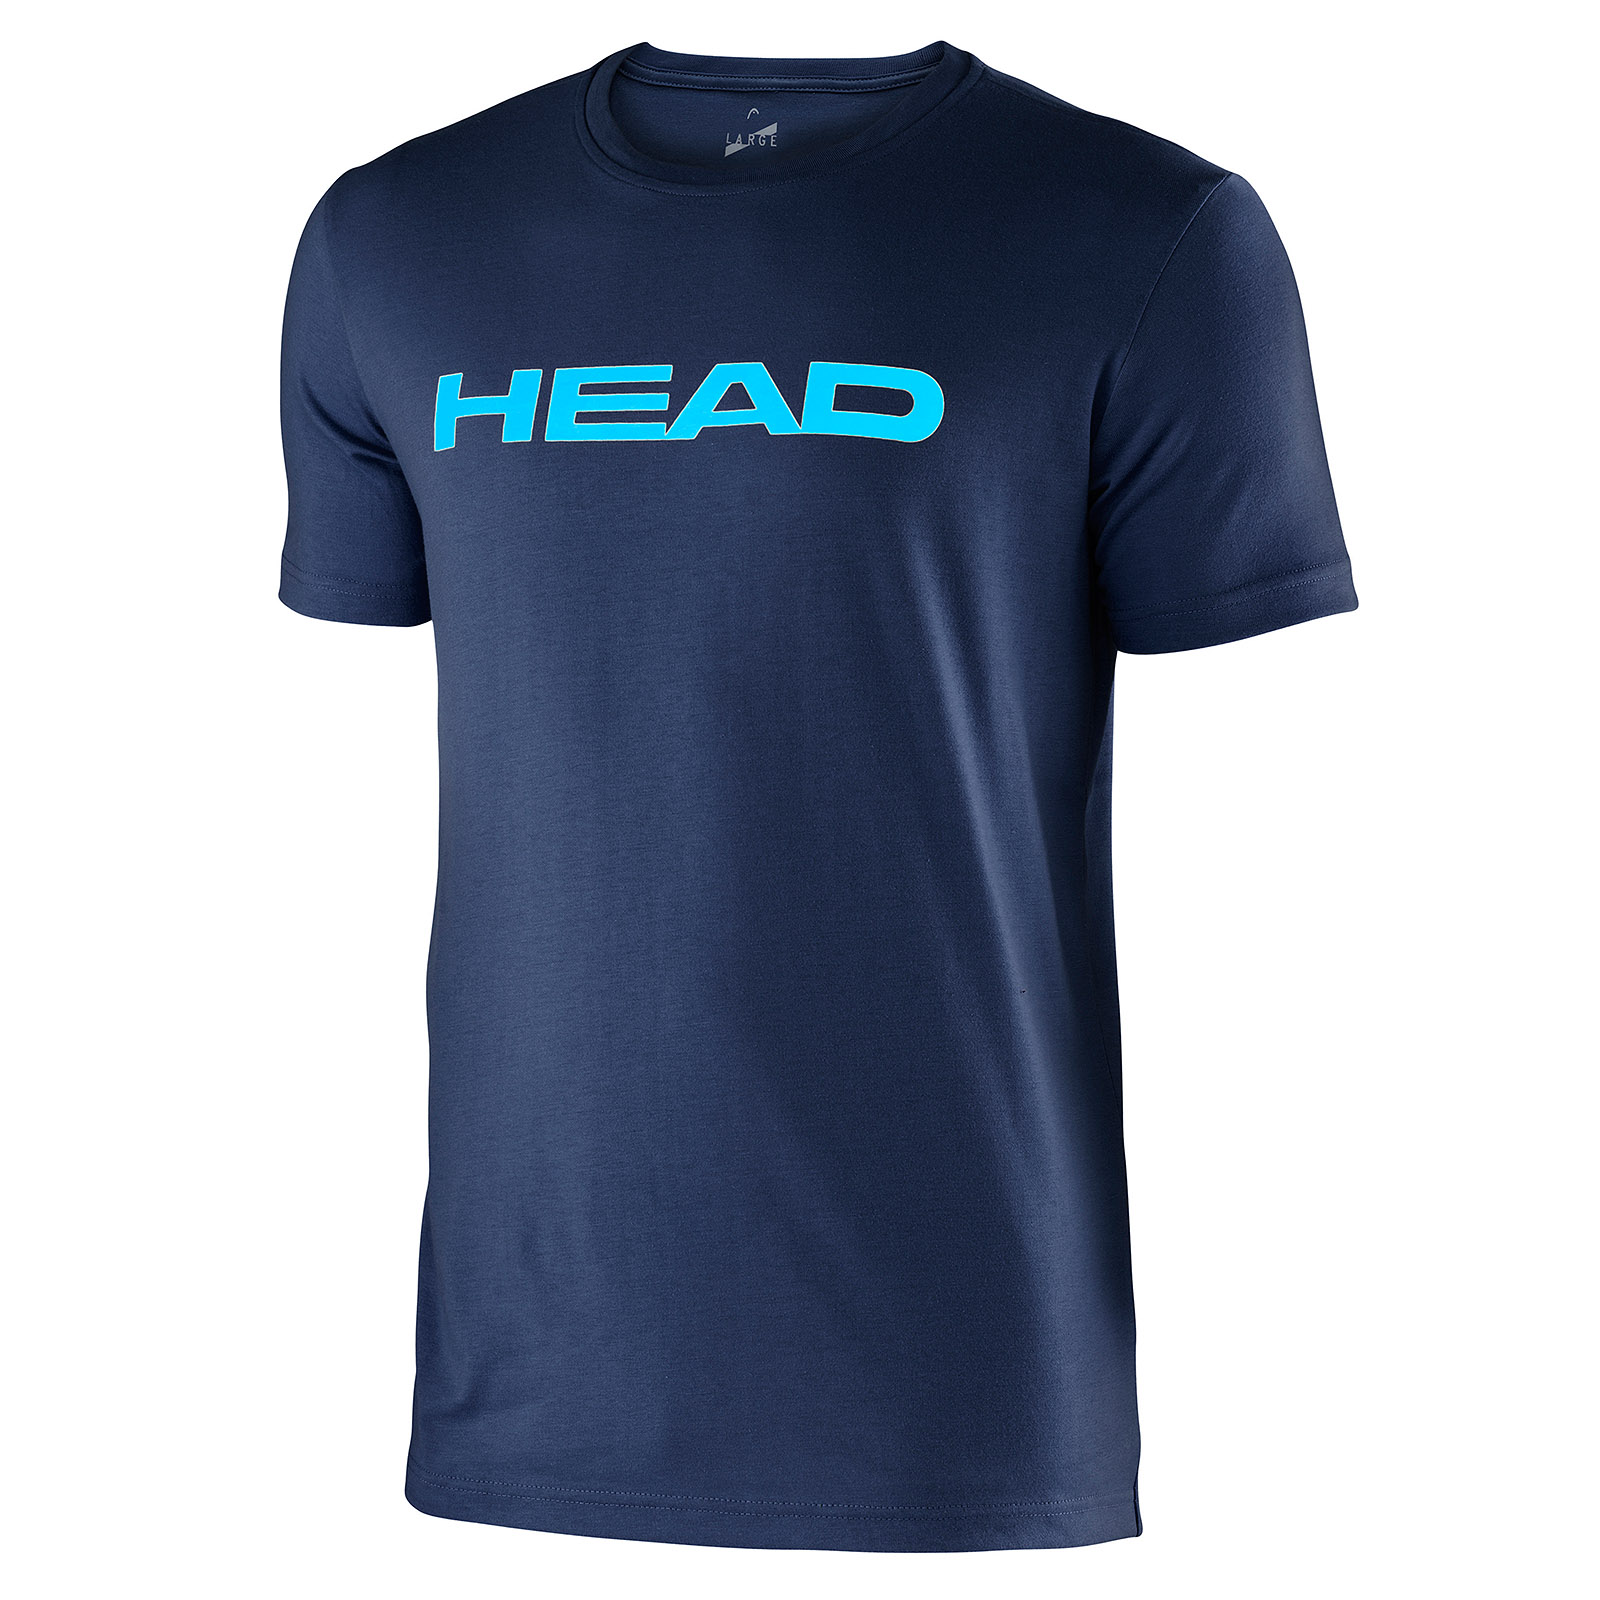 Head T-shirt - Ivan JR Blue 116